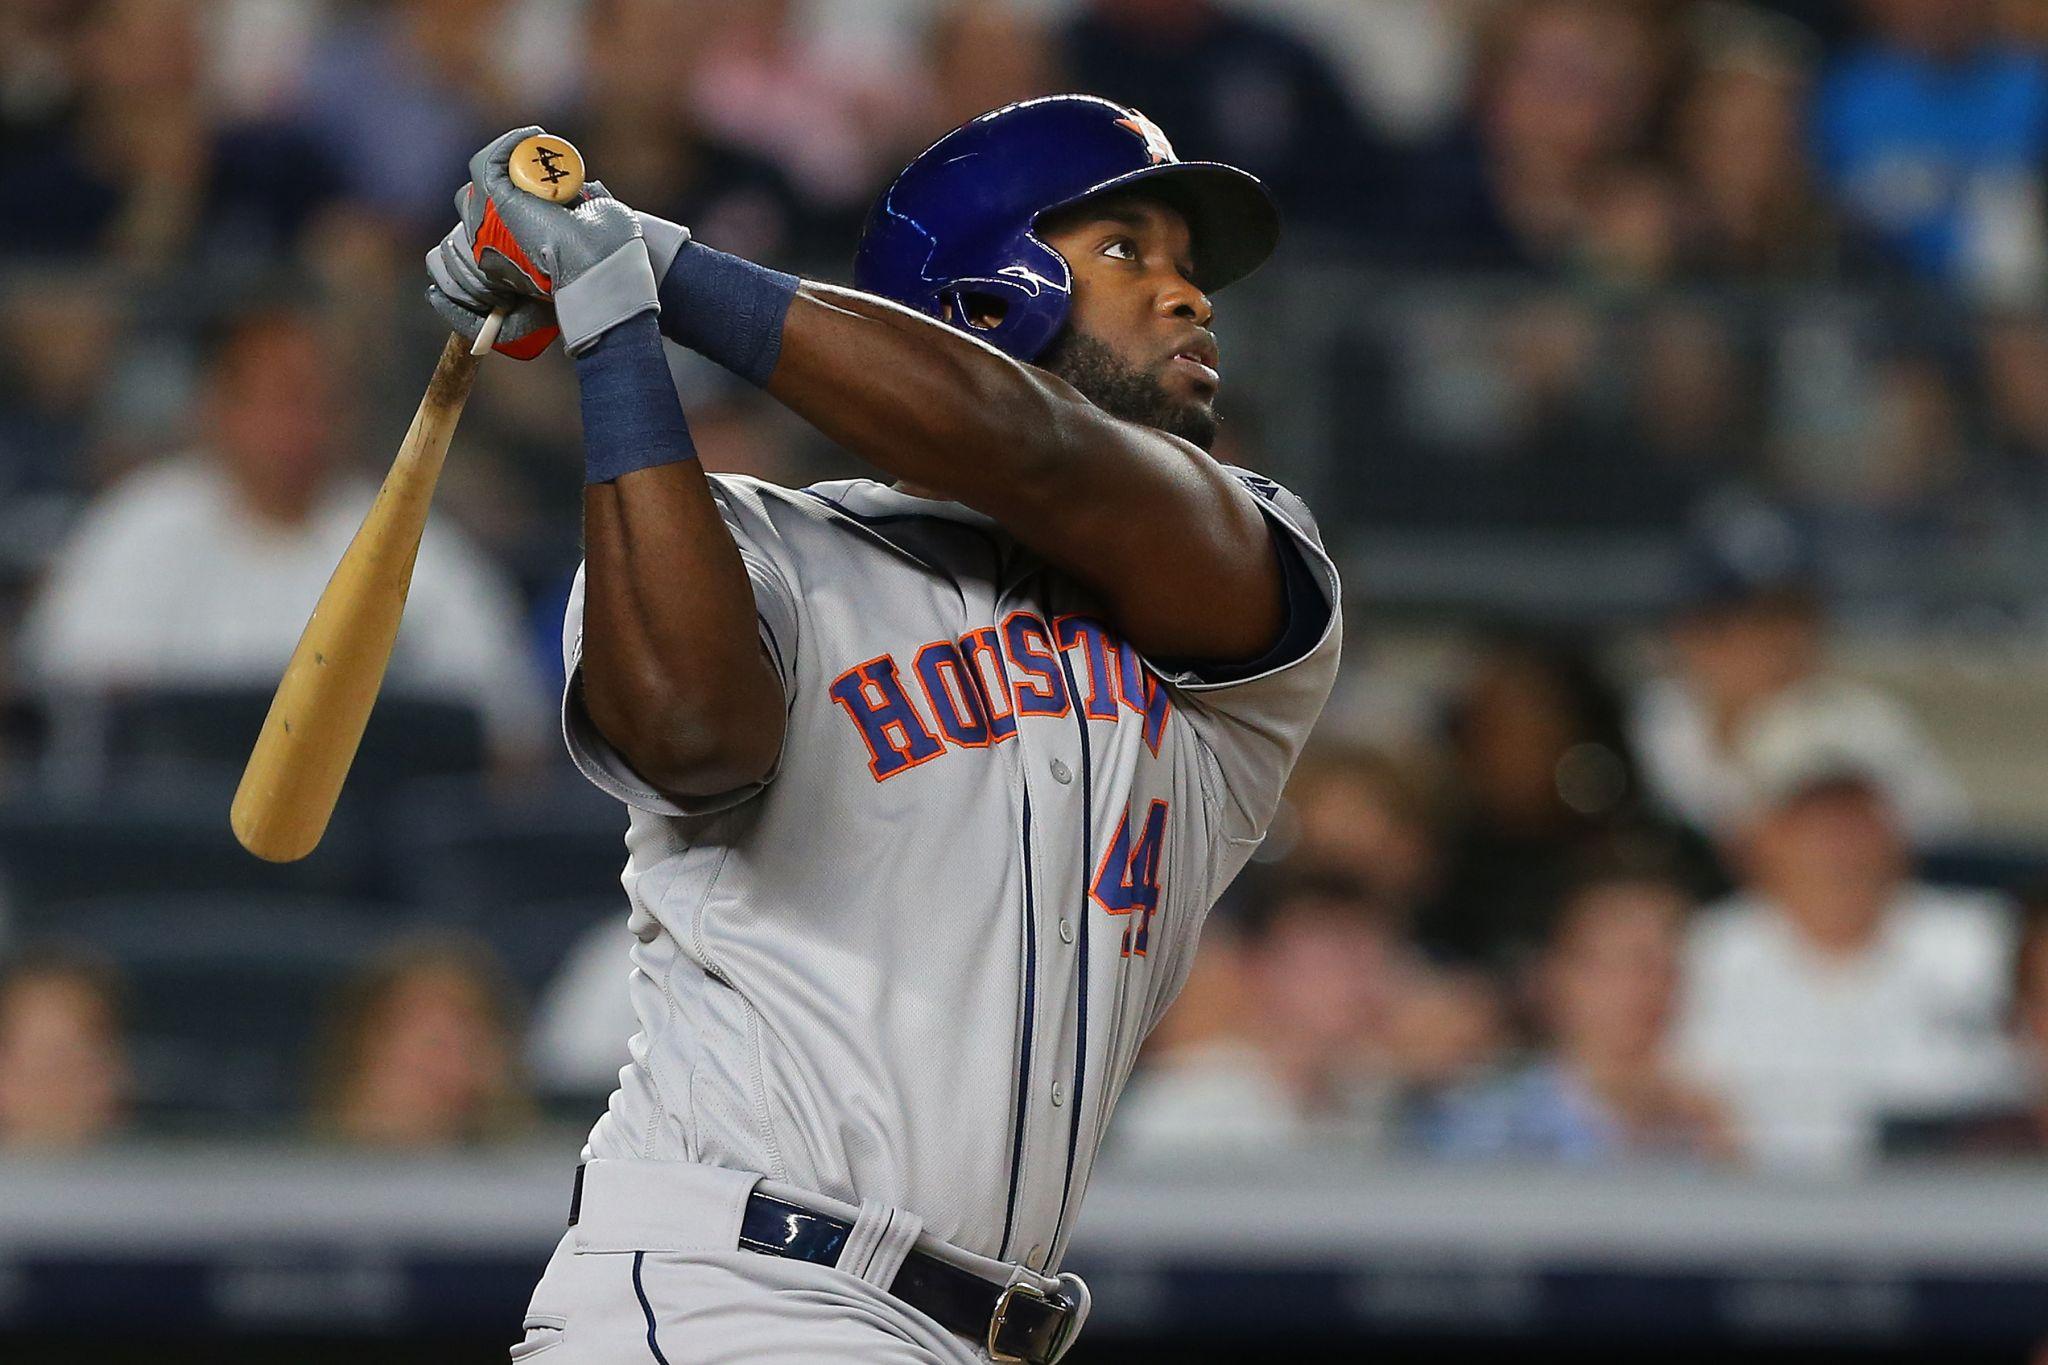 Smith: Astros' Yordan Álvarez already is must-see TV